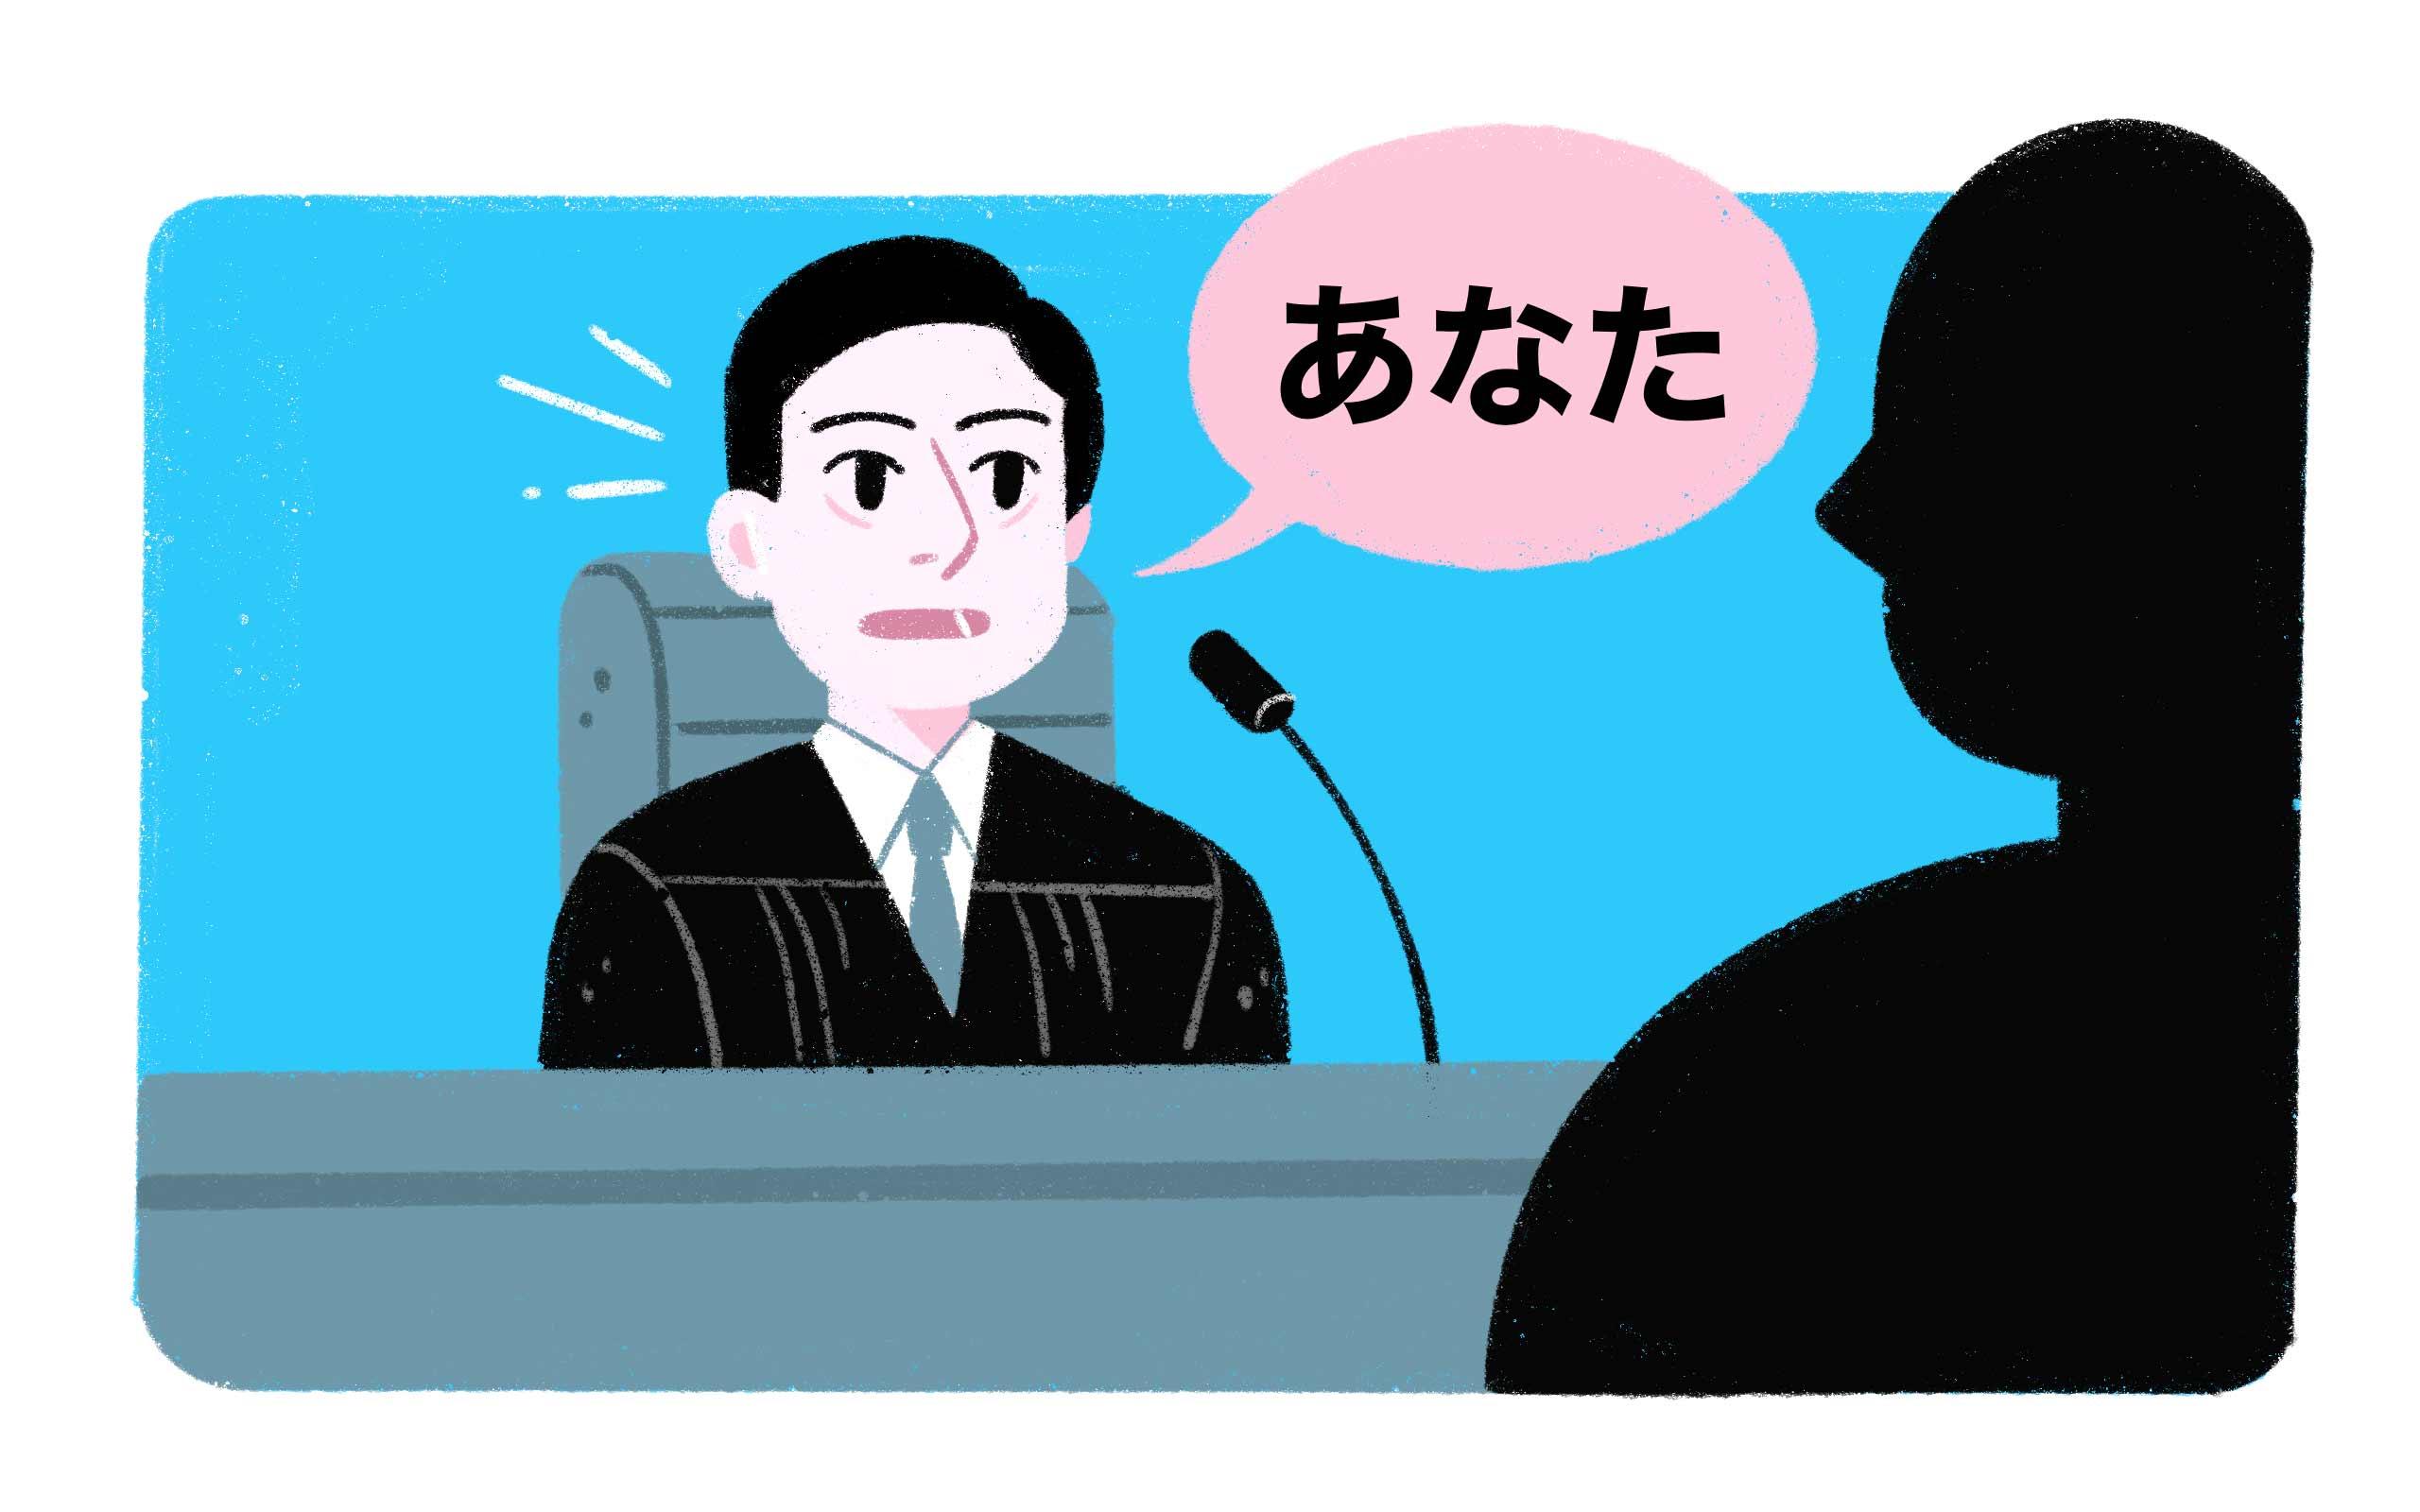 a judge saying あなた